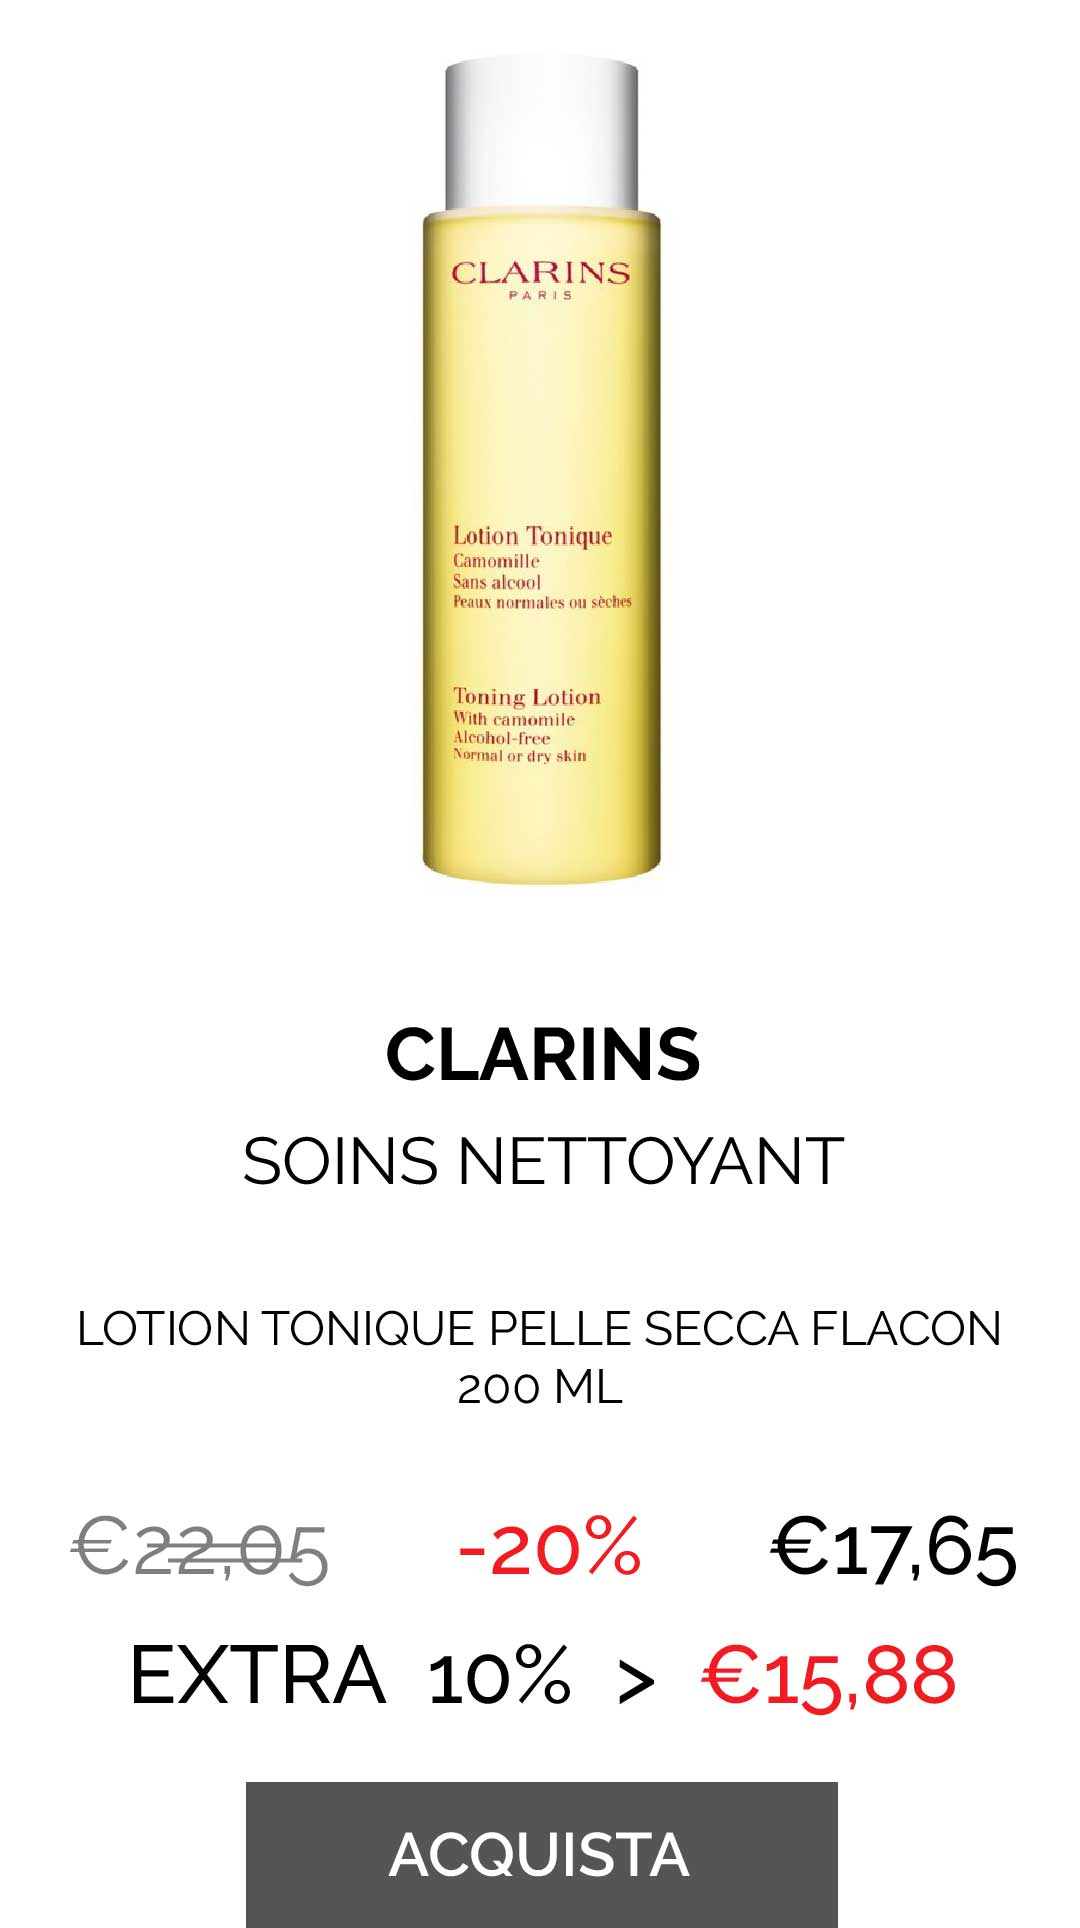 CLARINS - LOTION TONIQUE PELLE SECCA FLACON 200 ML